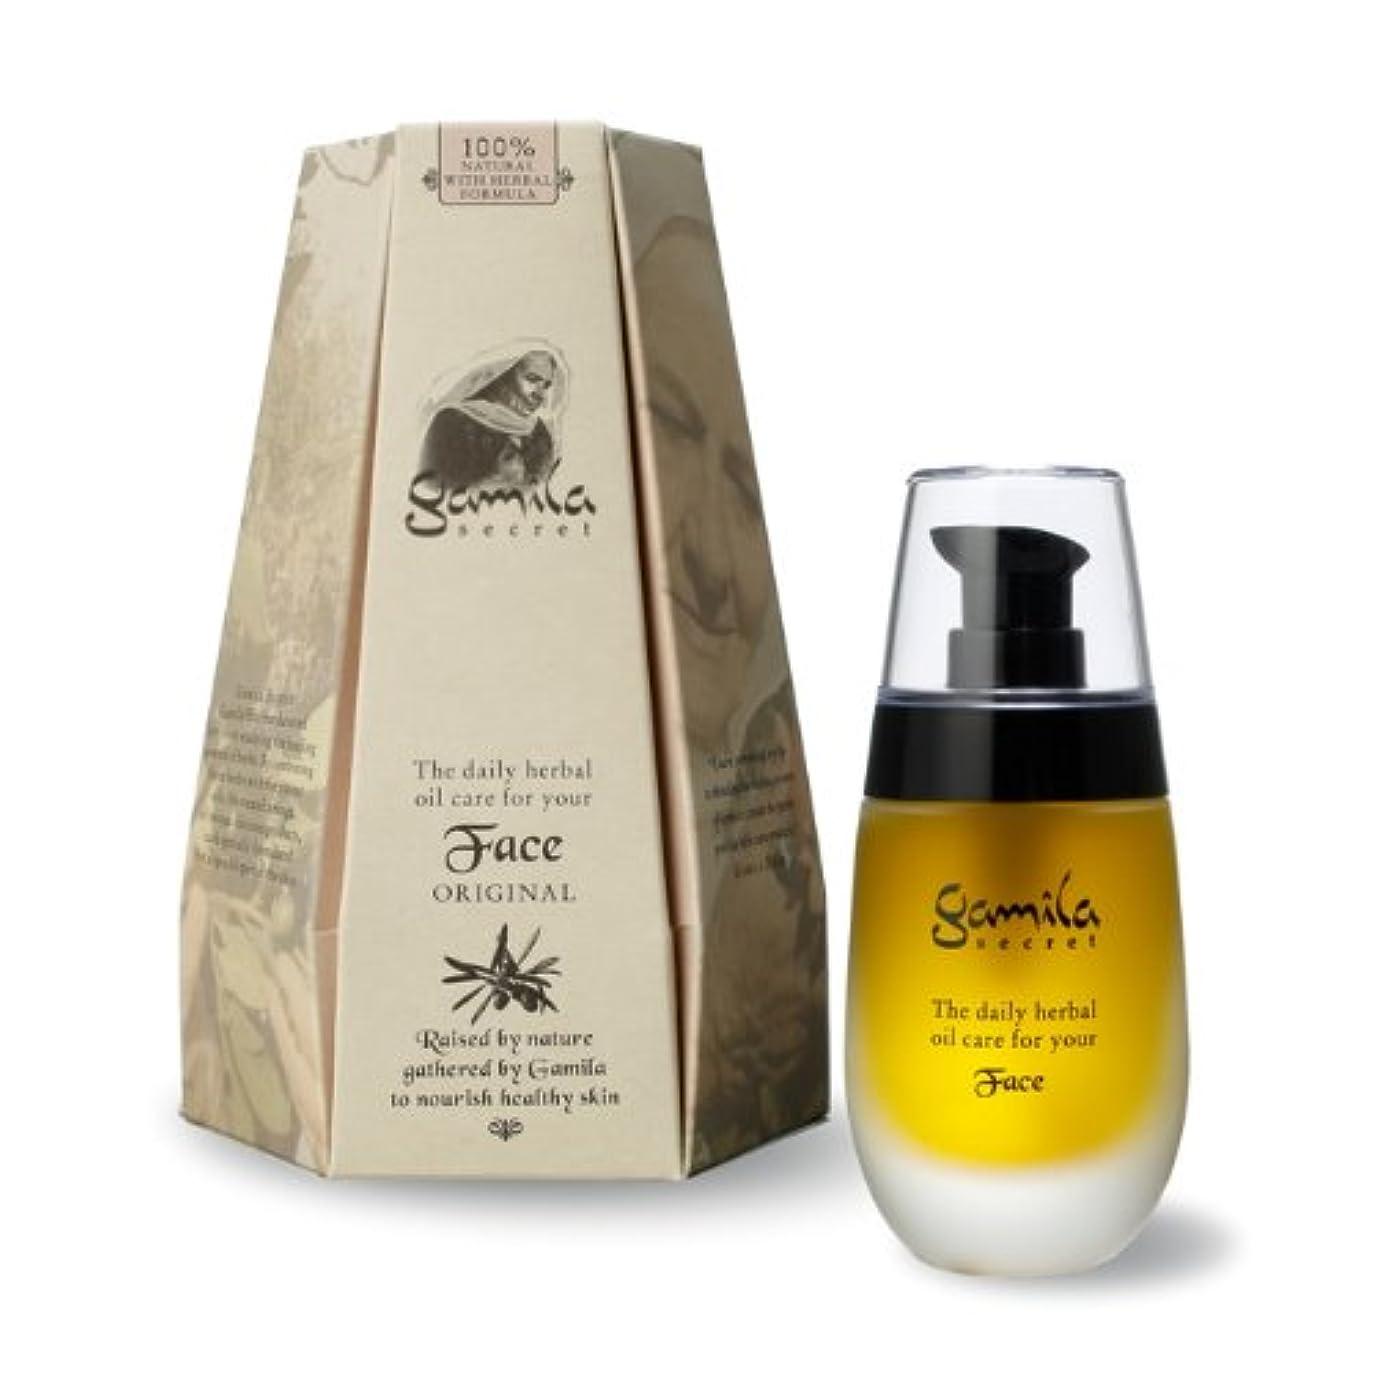 ガミラシークレット フェイスオイルオリジナル50ml 10種類の植物素材がブレンドされた美容オイル ハリと艶のある肌へ